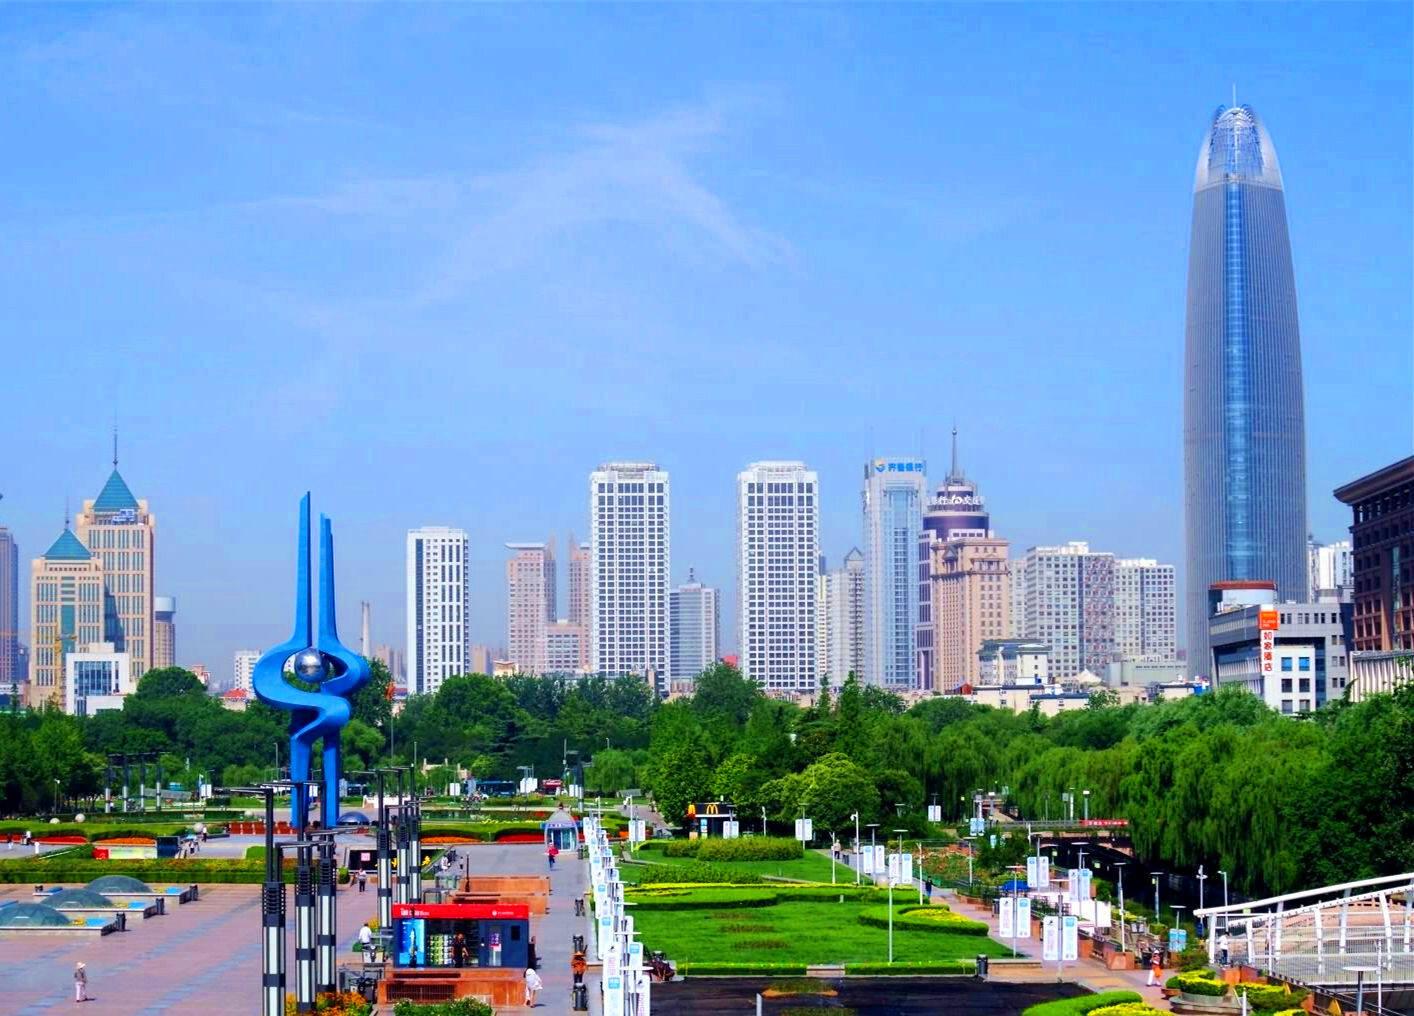 2019年山东省的经济总量是多少_山东省地图